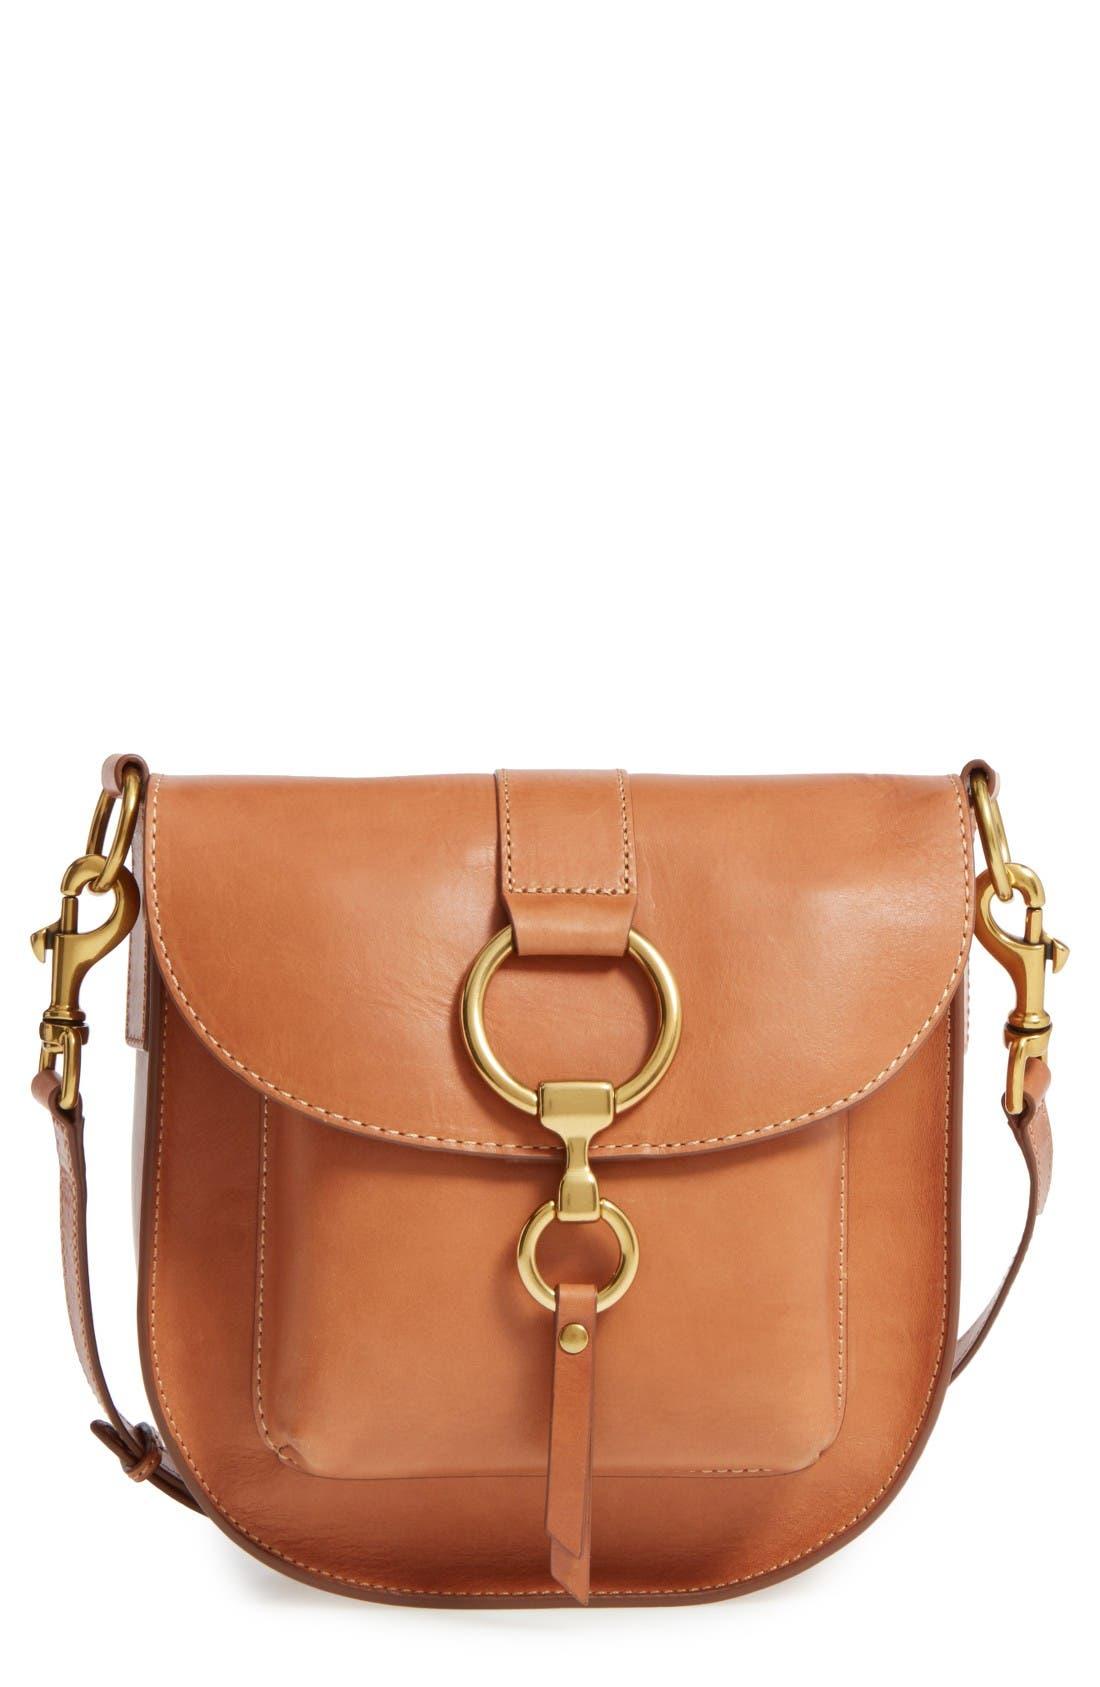 FRYE Ilana Leather Saddle Bag